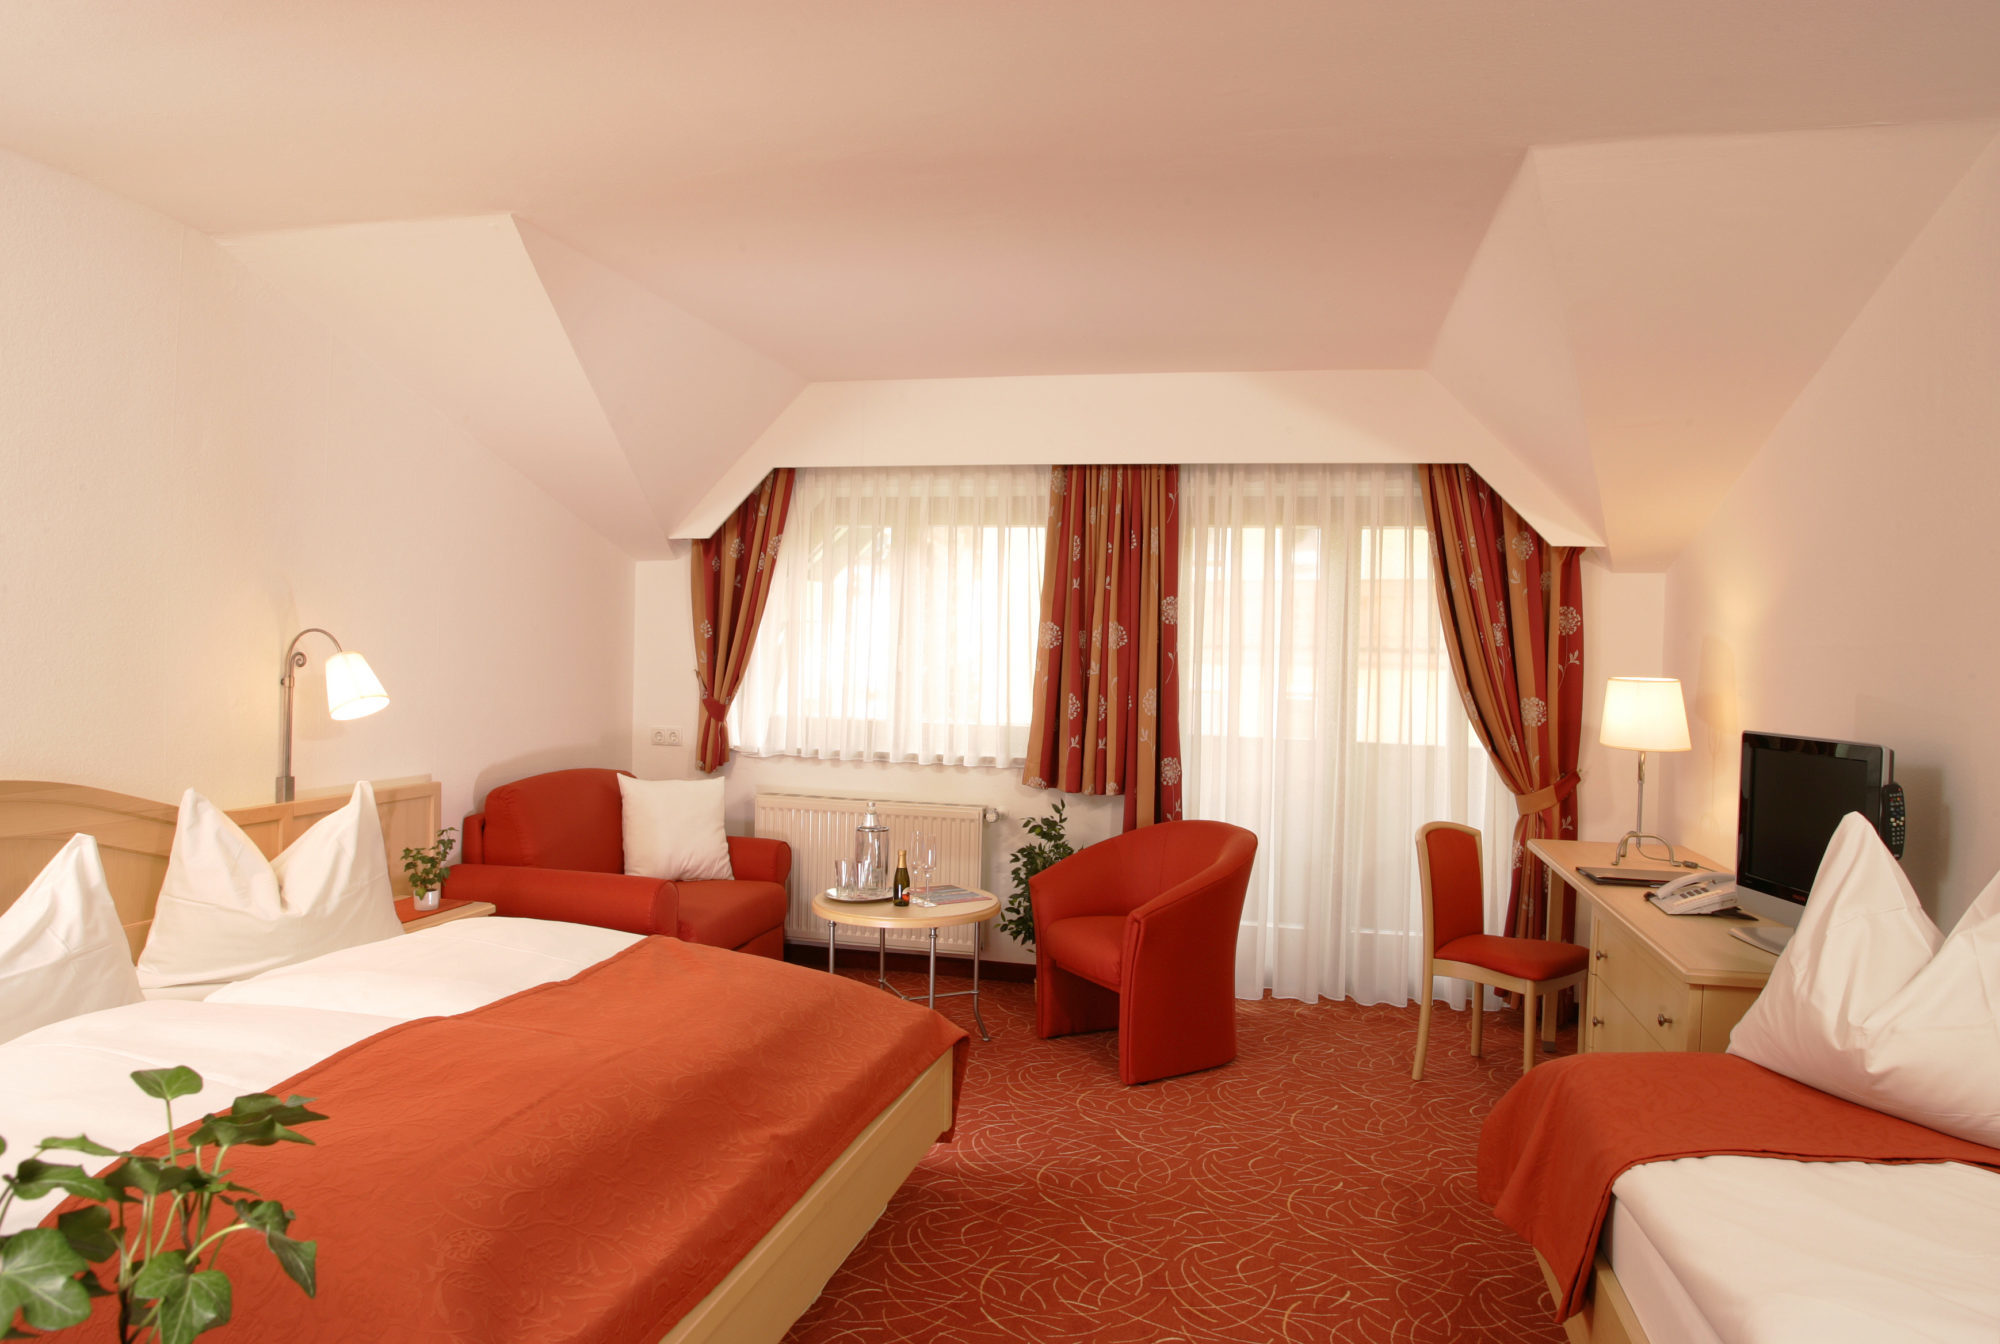 Wagrain Hotel Alpina pokój rodzinny